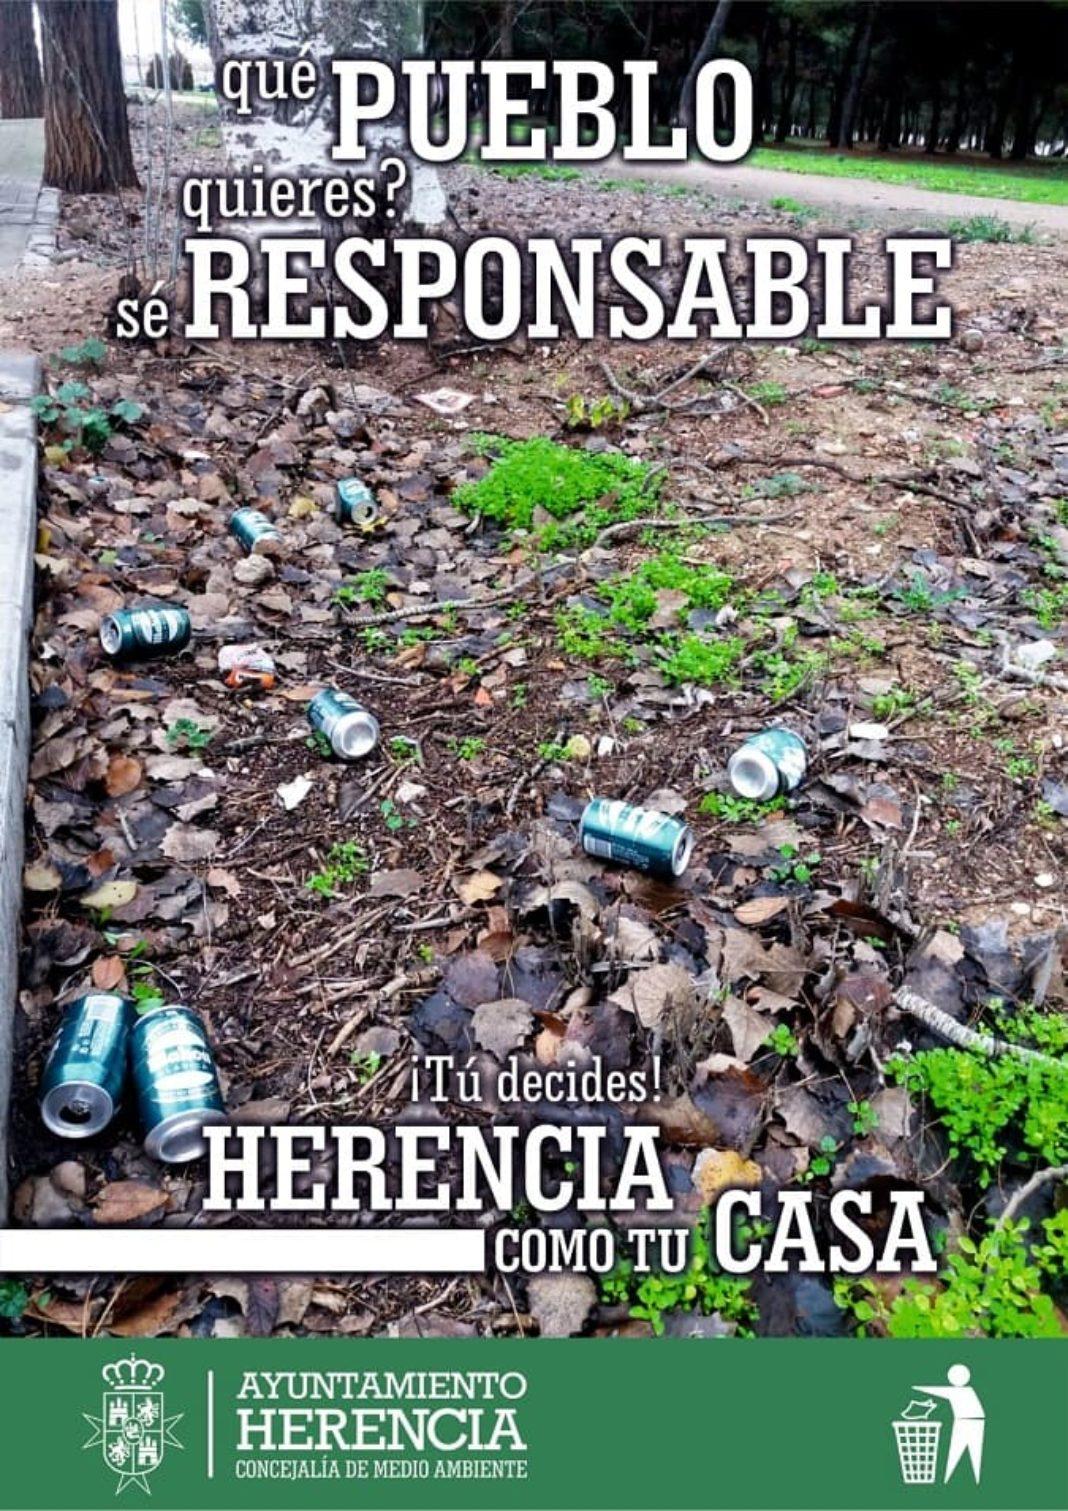 campana de limpieza herencia 1068x1511 - Herencia pone en marcha tres campañas de limpieza para concienciar y sensibilizar a la población